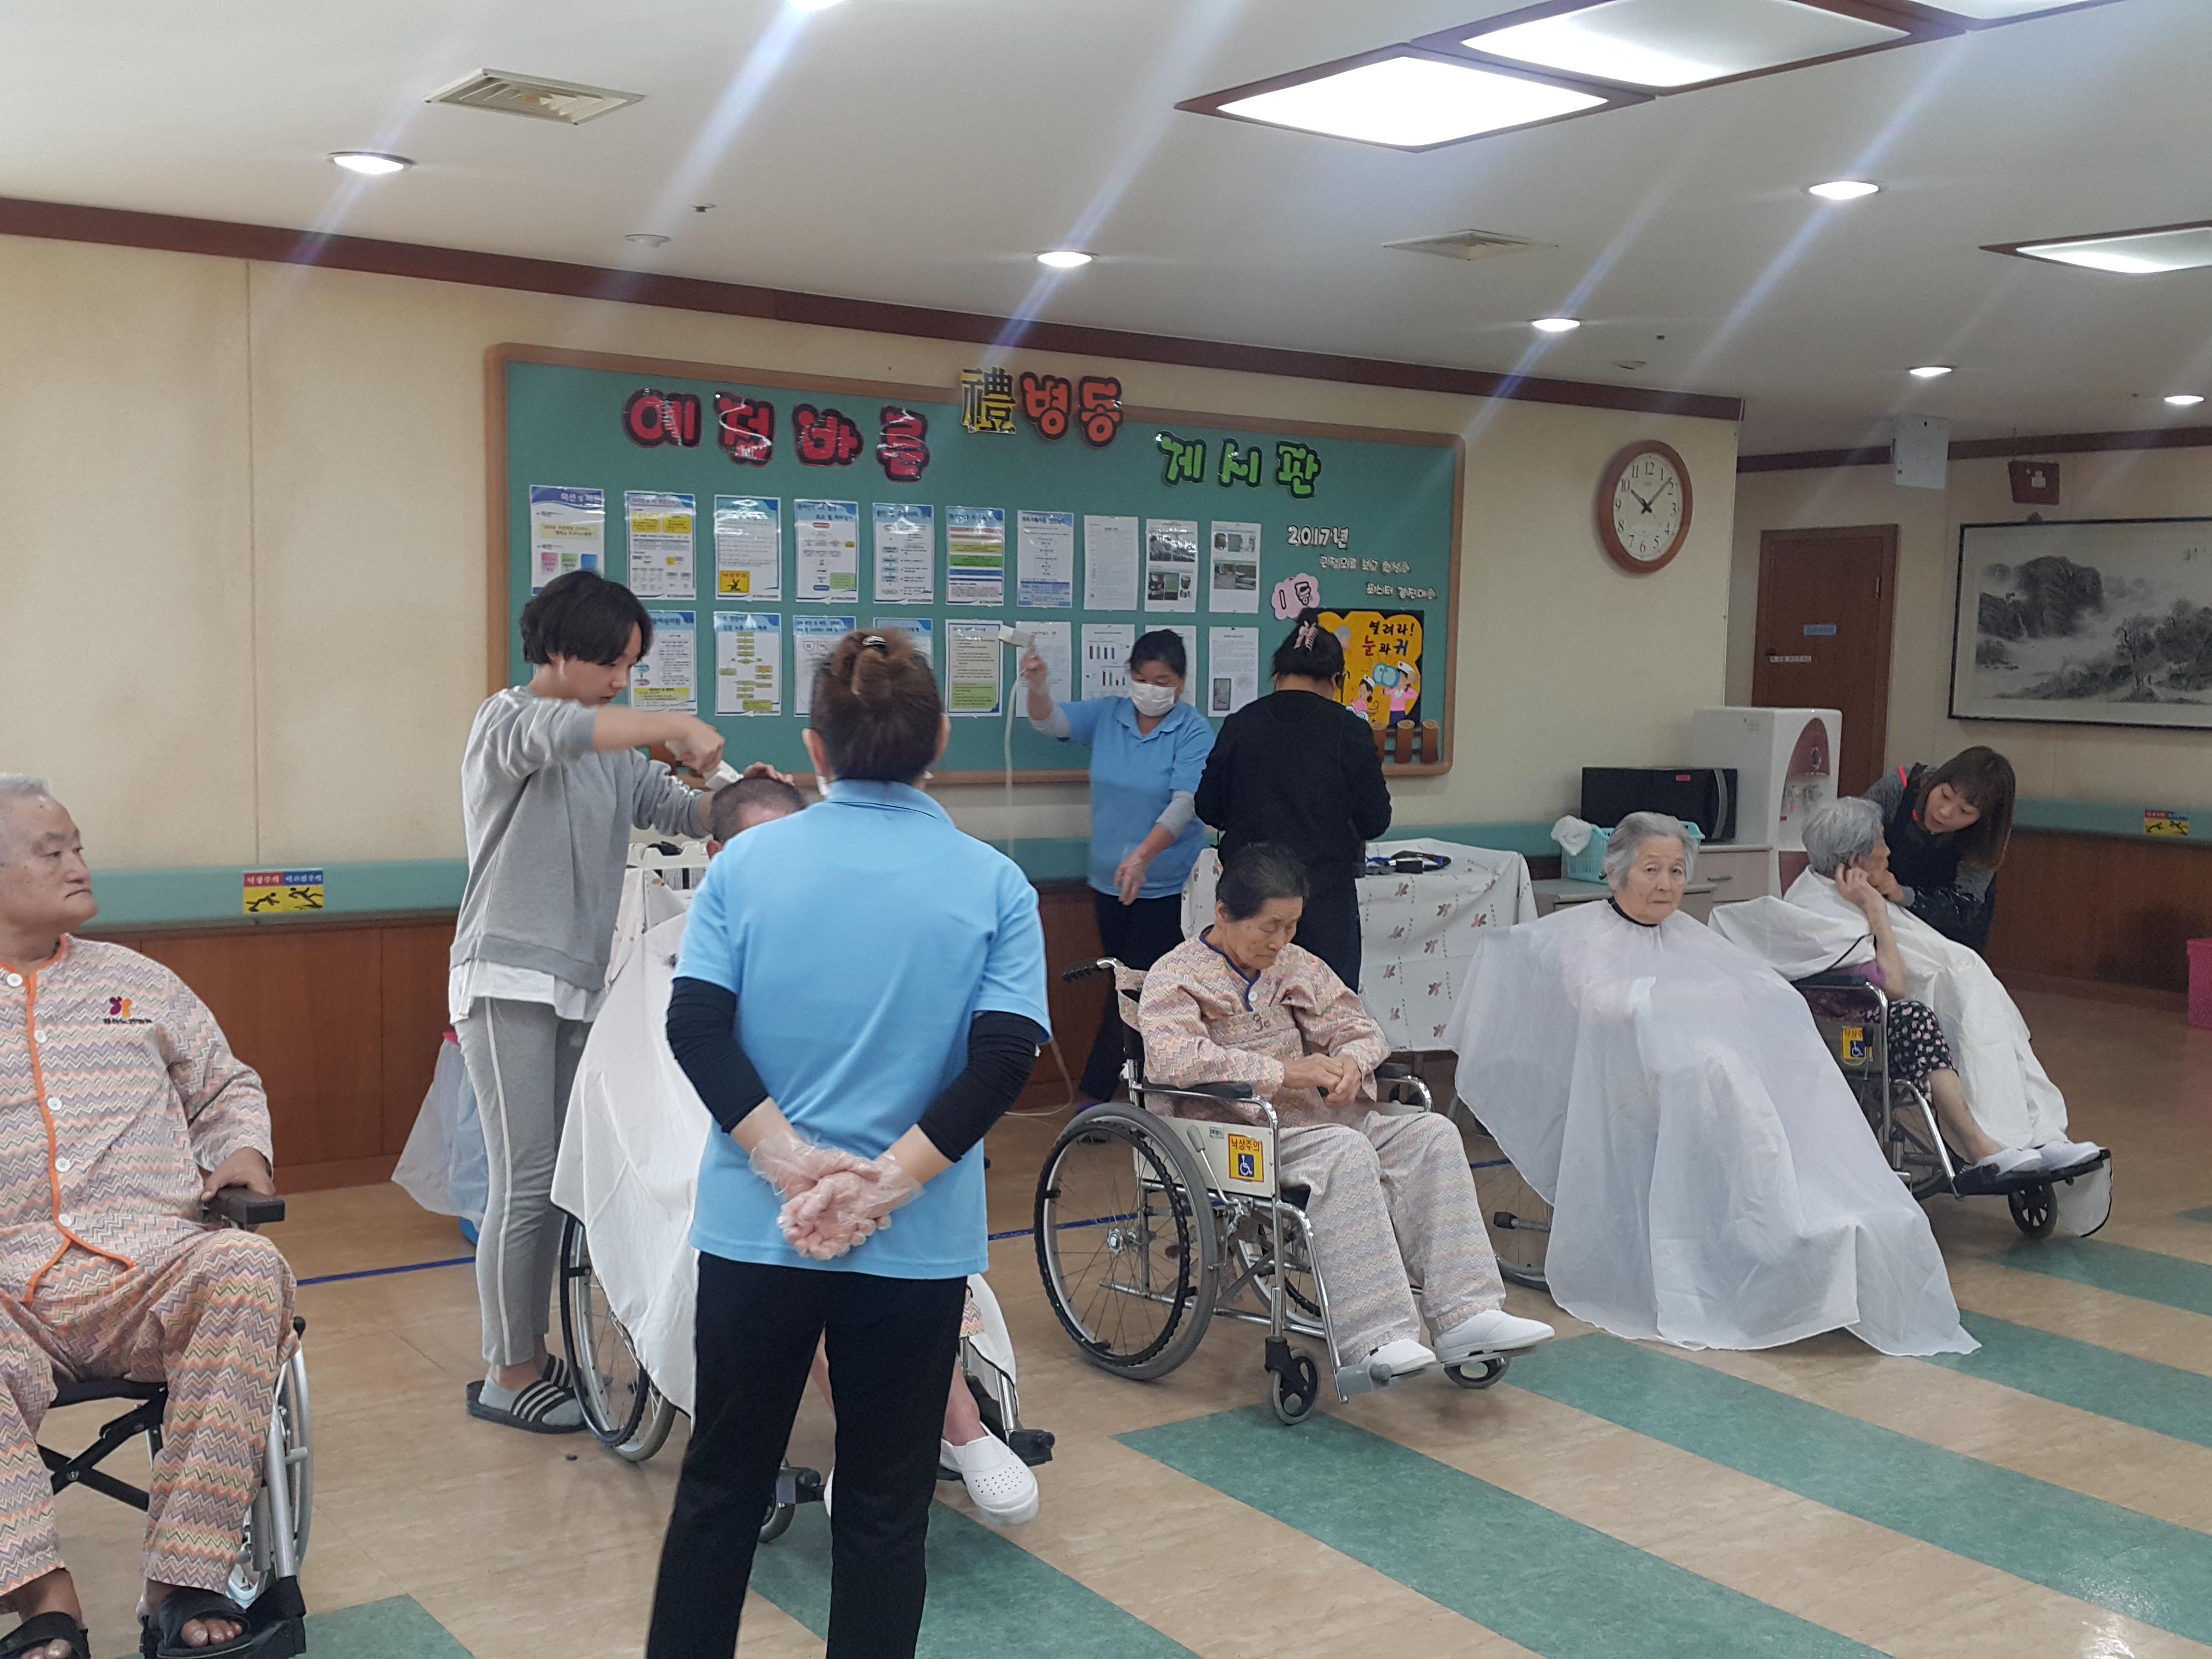 헤어 실무반 경산노인요양전문병원 봉사활동